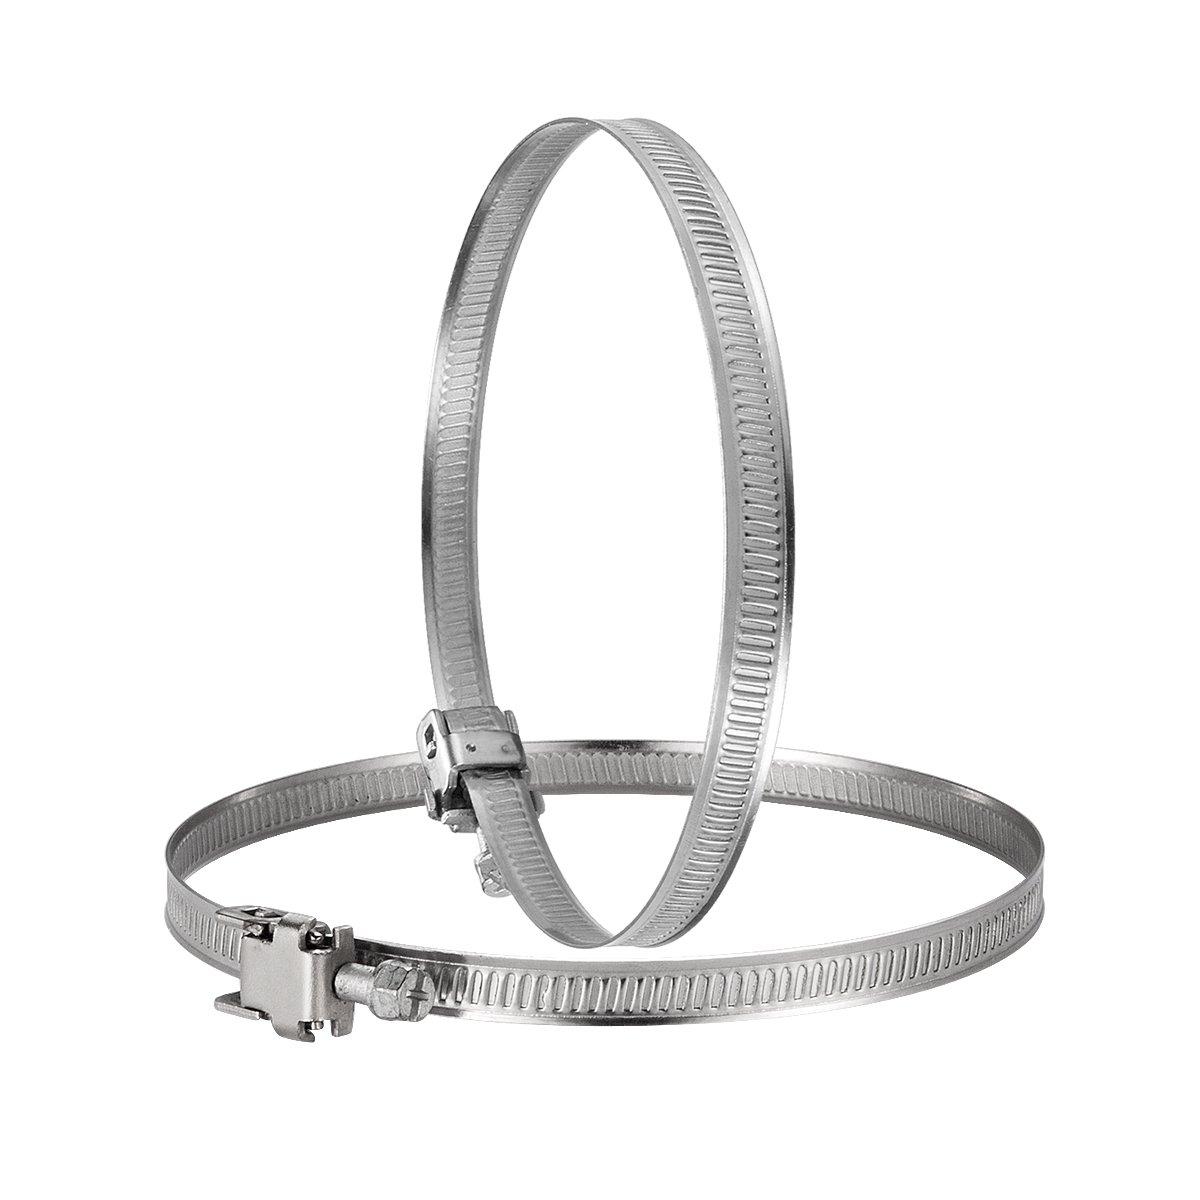 Hon&Guan Colliers de Serrage Réglable en Acier Inoxydable Clip à Tuyau pour System de Ventilation - 2pcs (200mm)